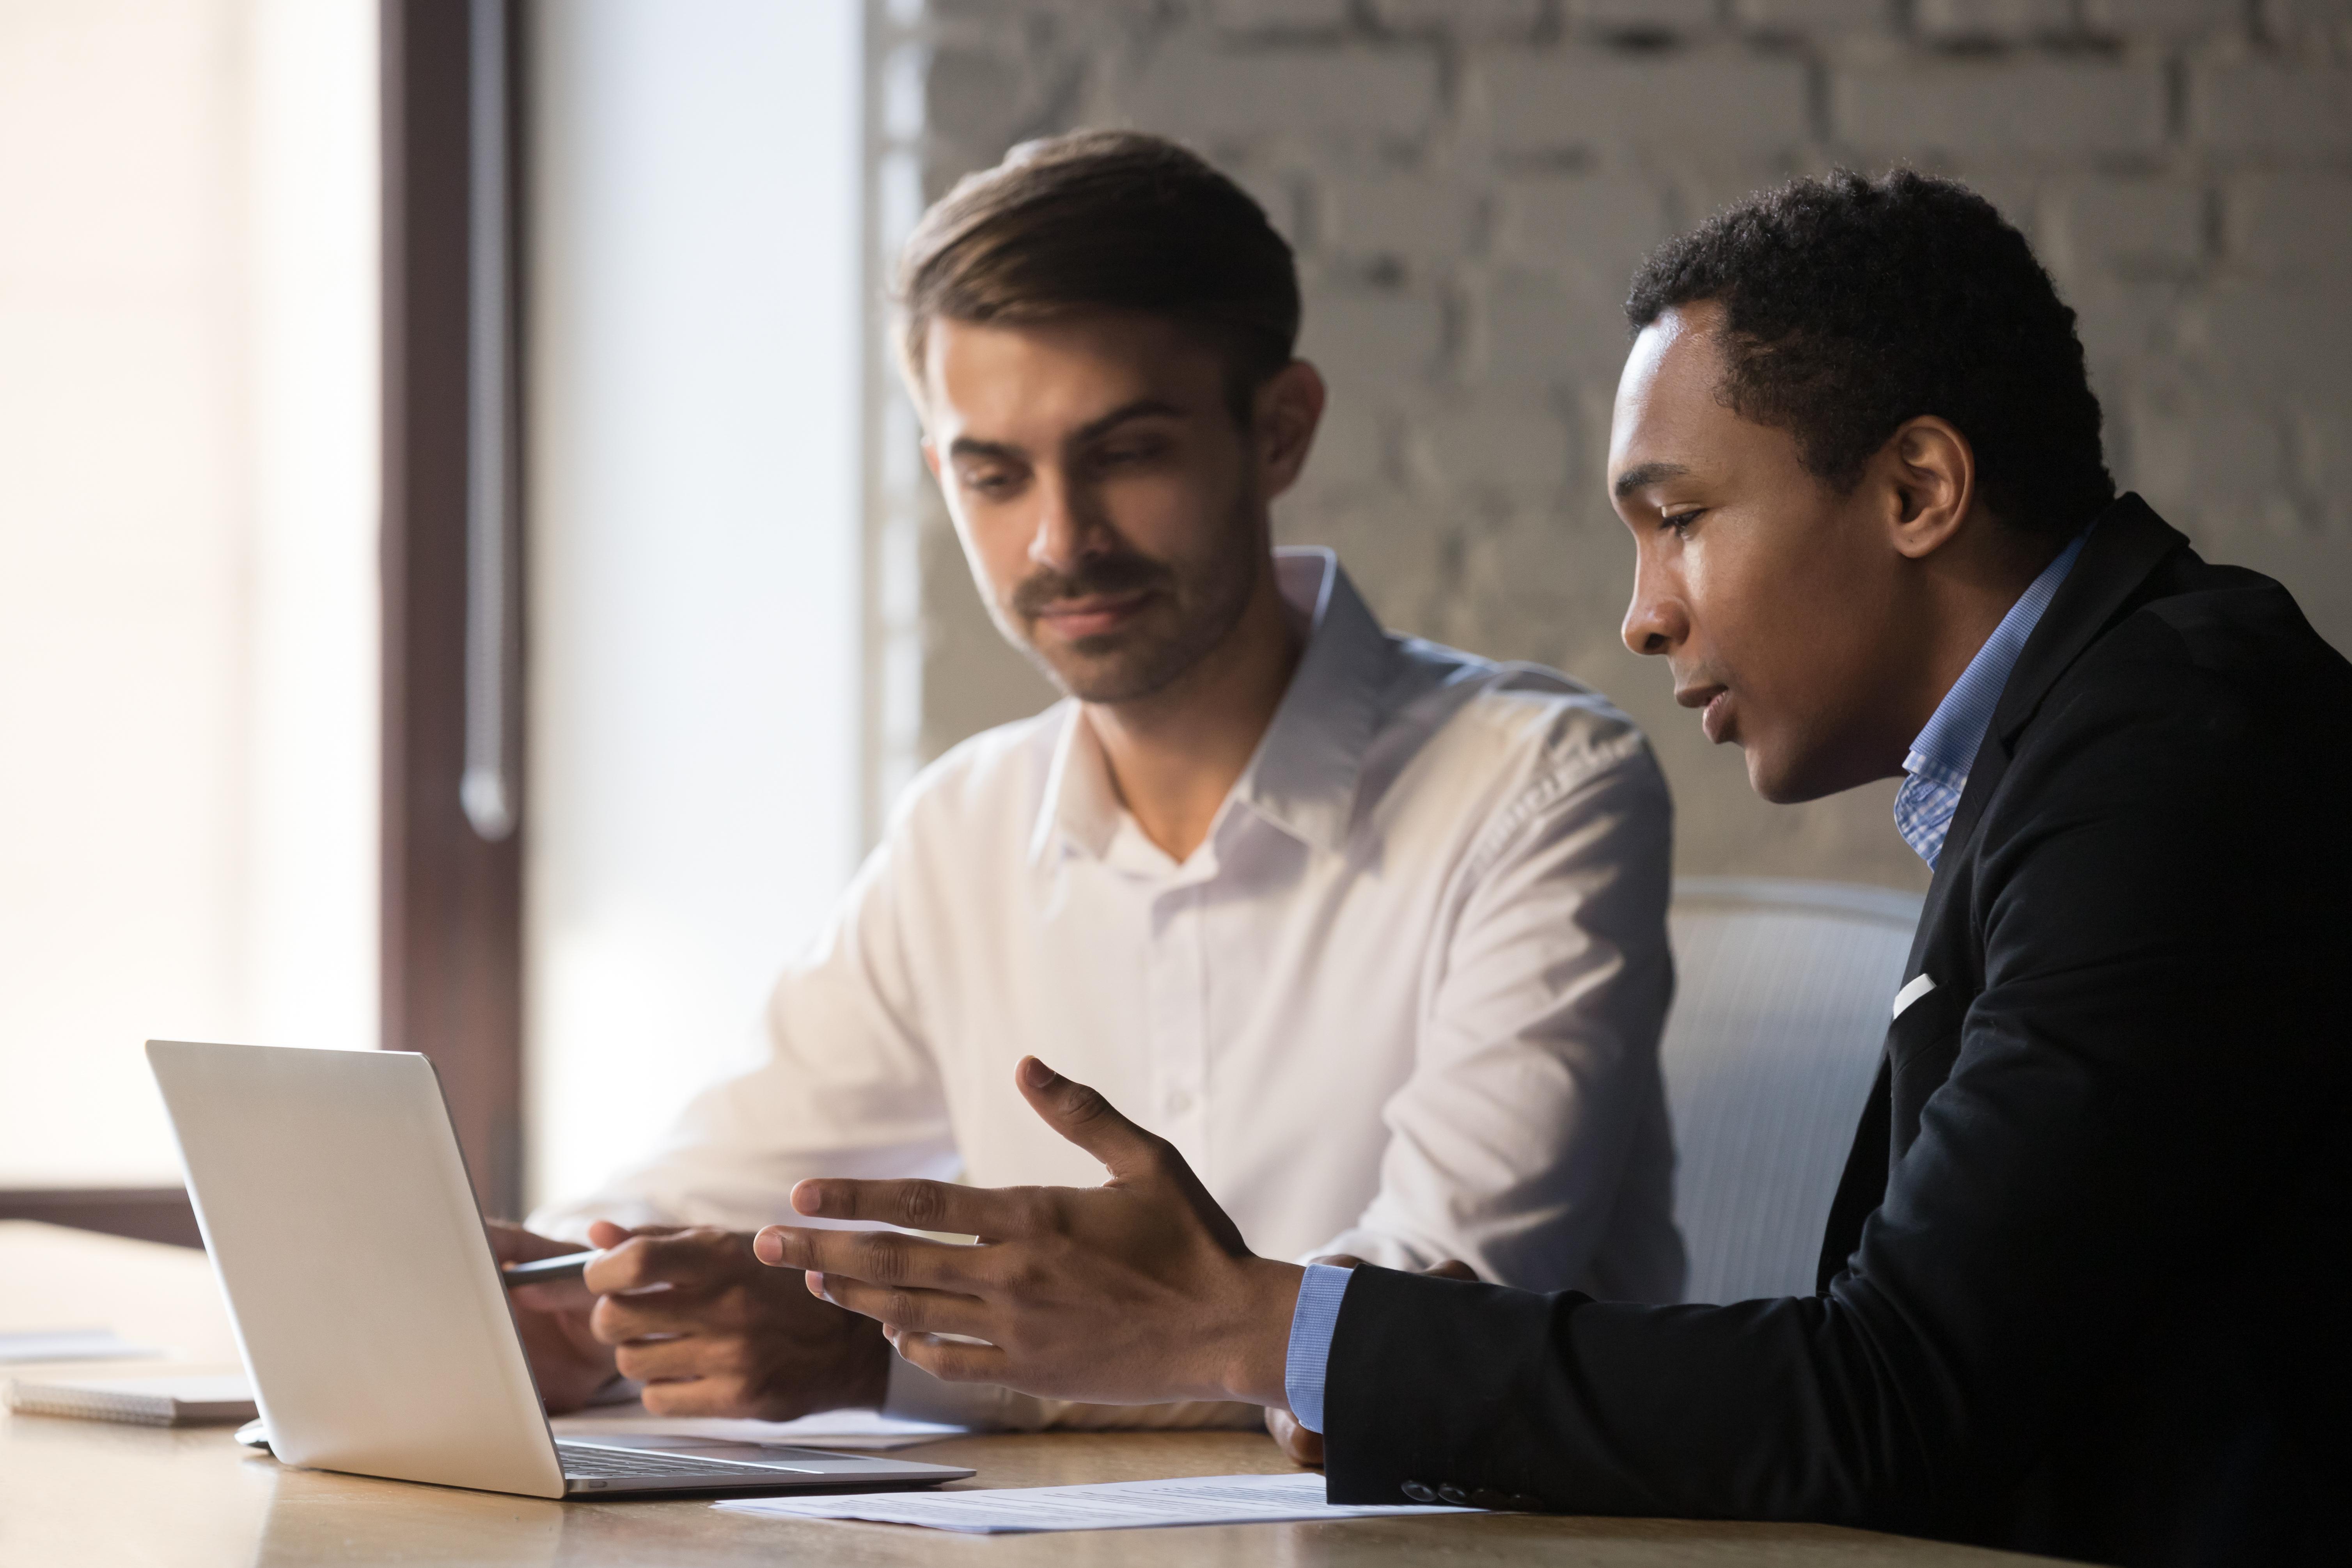 recruiter helps new employee